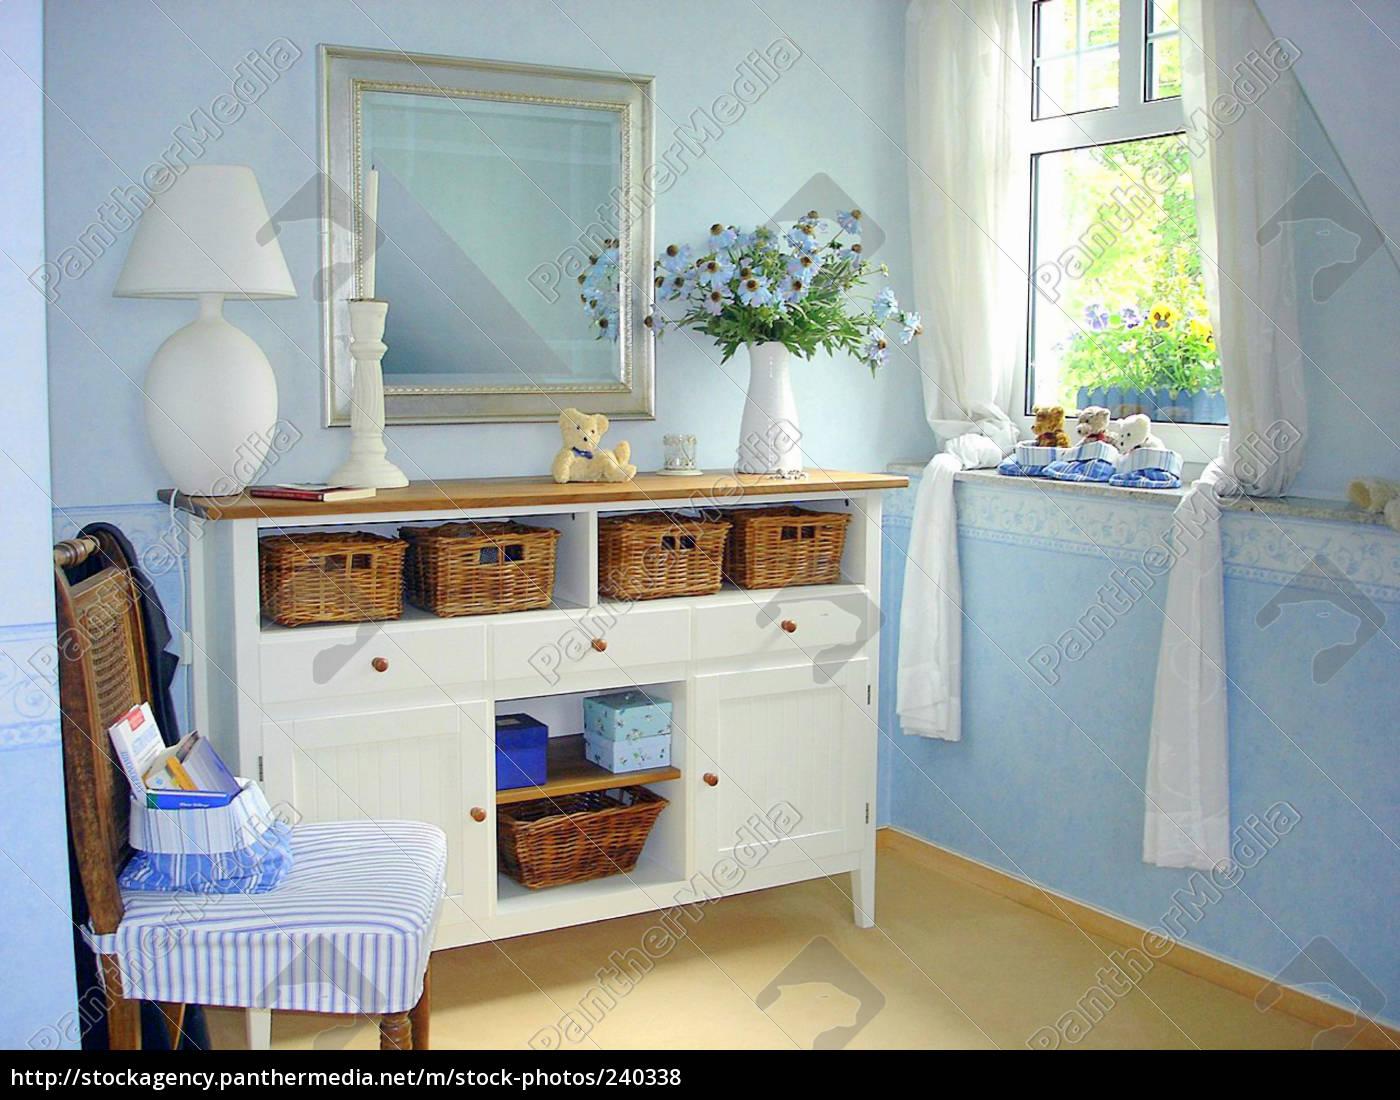 furniture - 240338